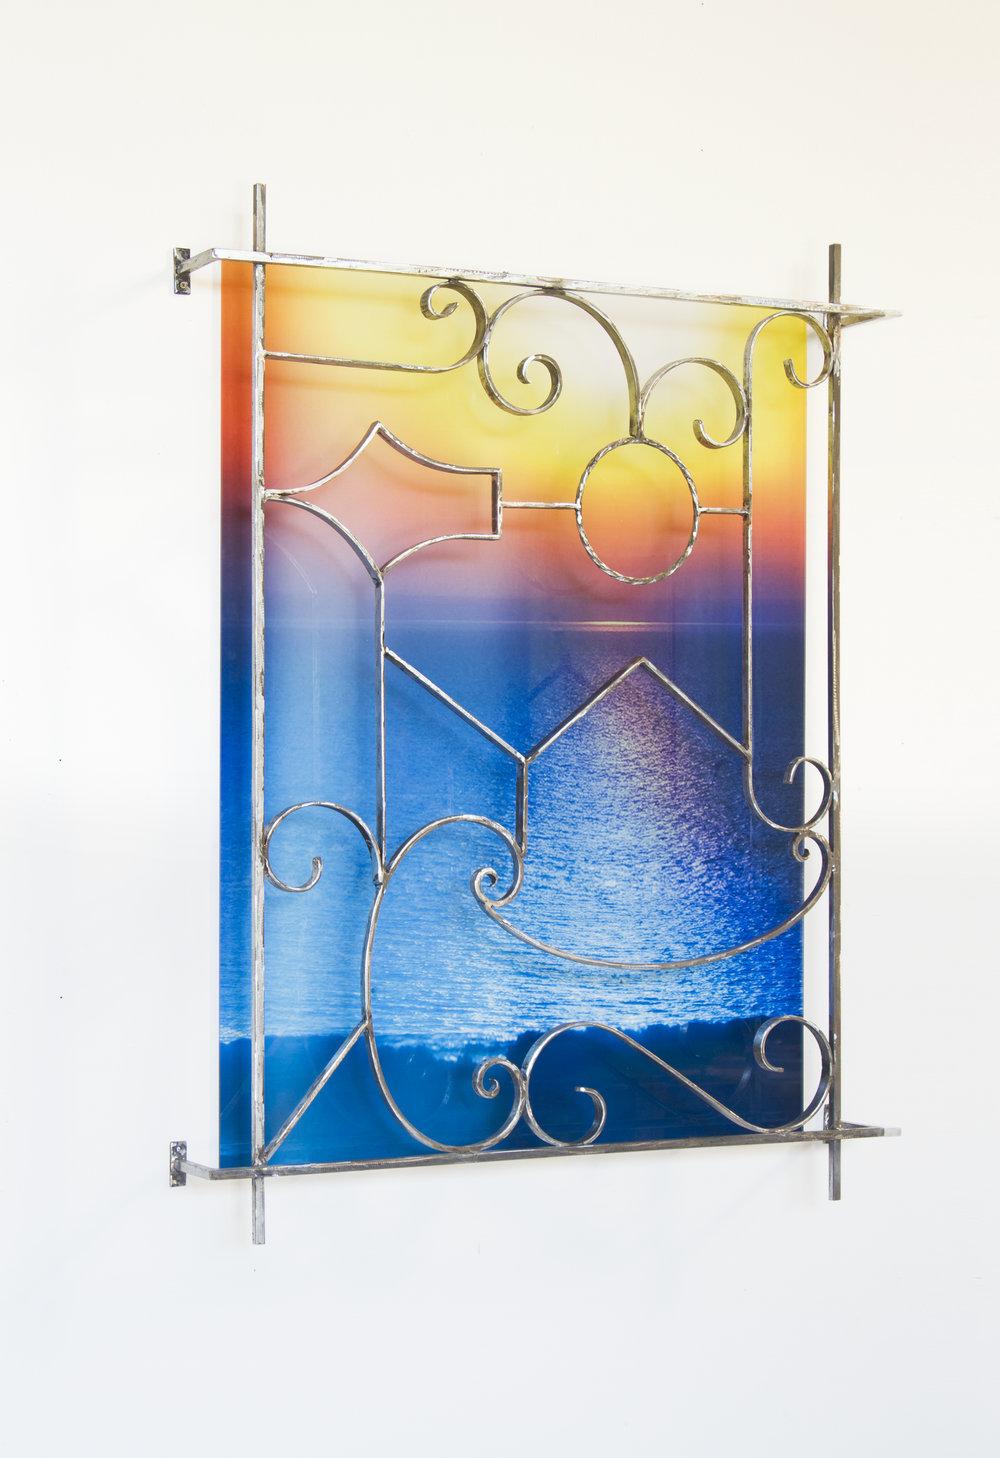 Pauline Sarrus,  Série CLAUSTRA , 2017. Installation murale, métal poli, grille en fer forgé, impression sur plexiglas, 95 cm x 123 cm